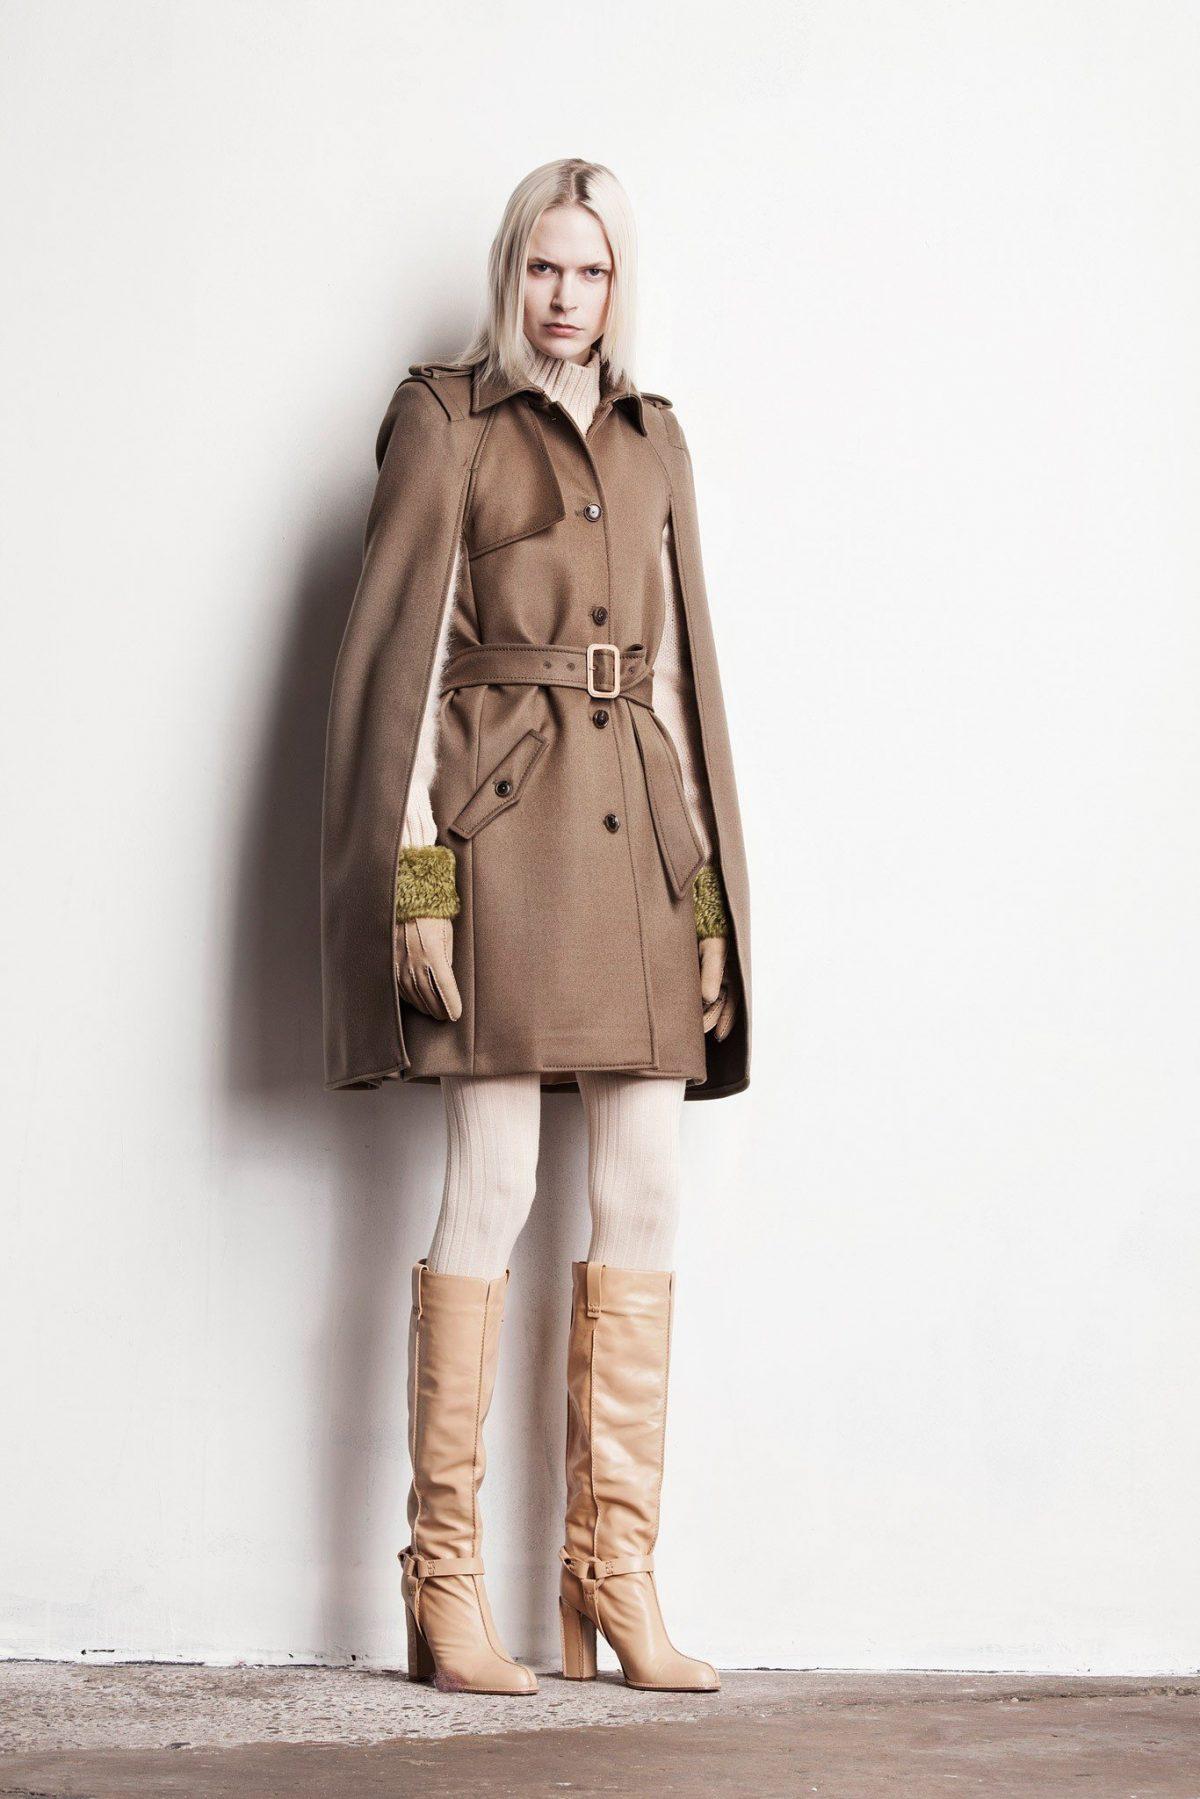 Тренды осень-зима 2018 2019: бежевое пальто и светлые сапоги